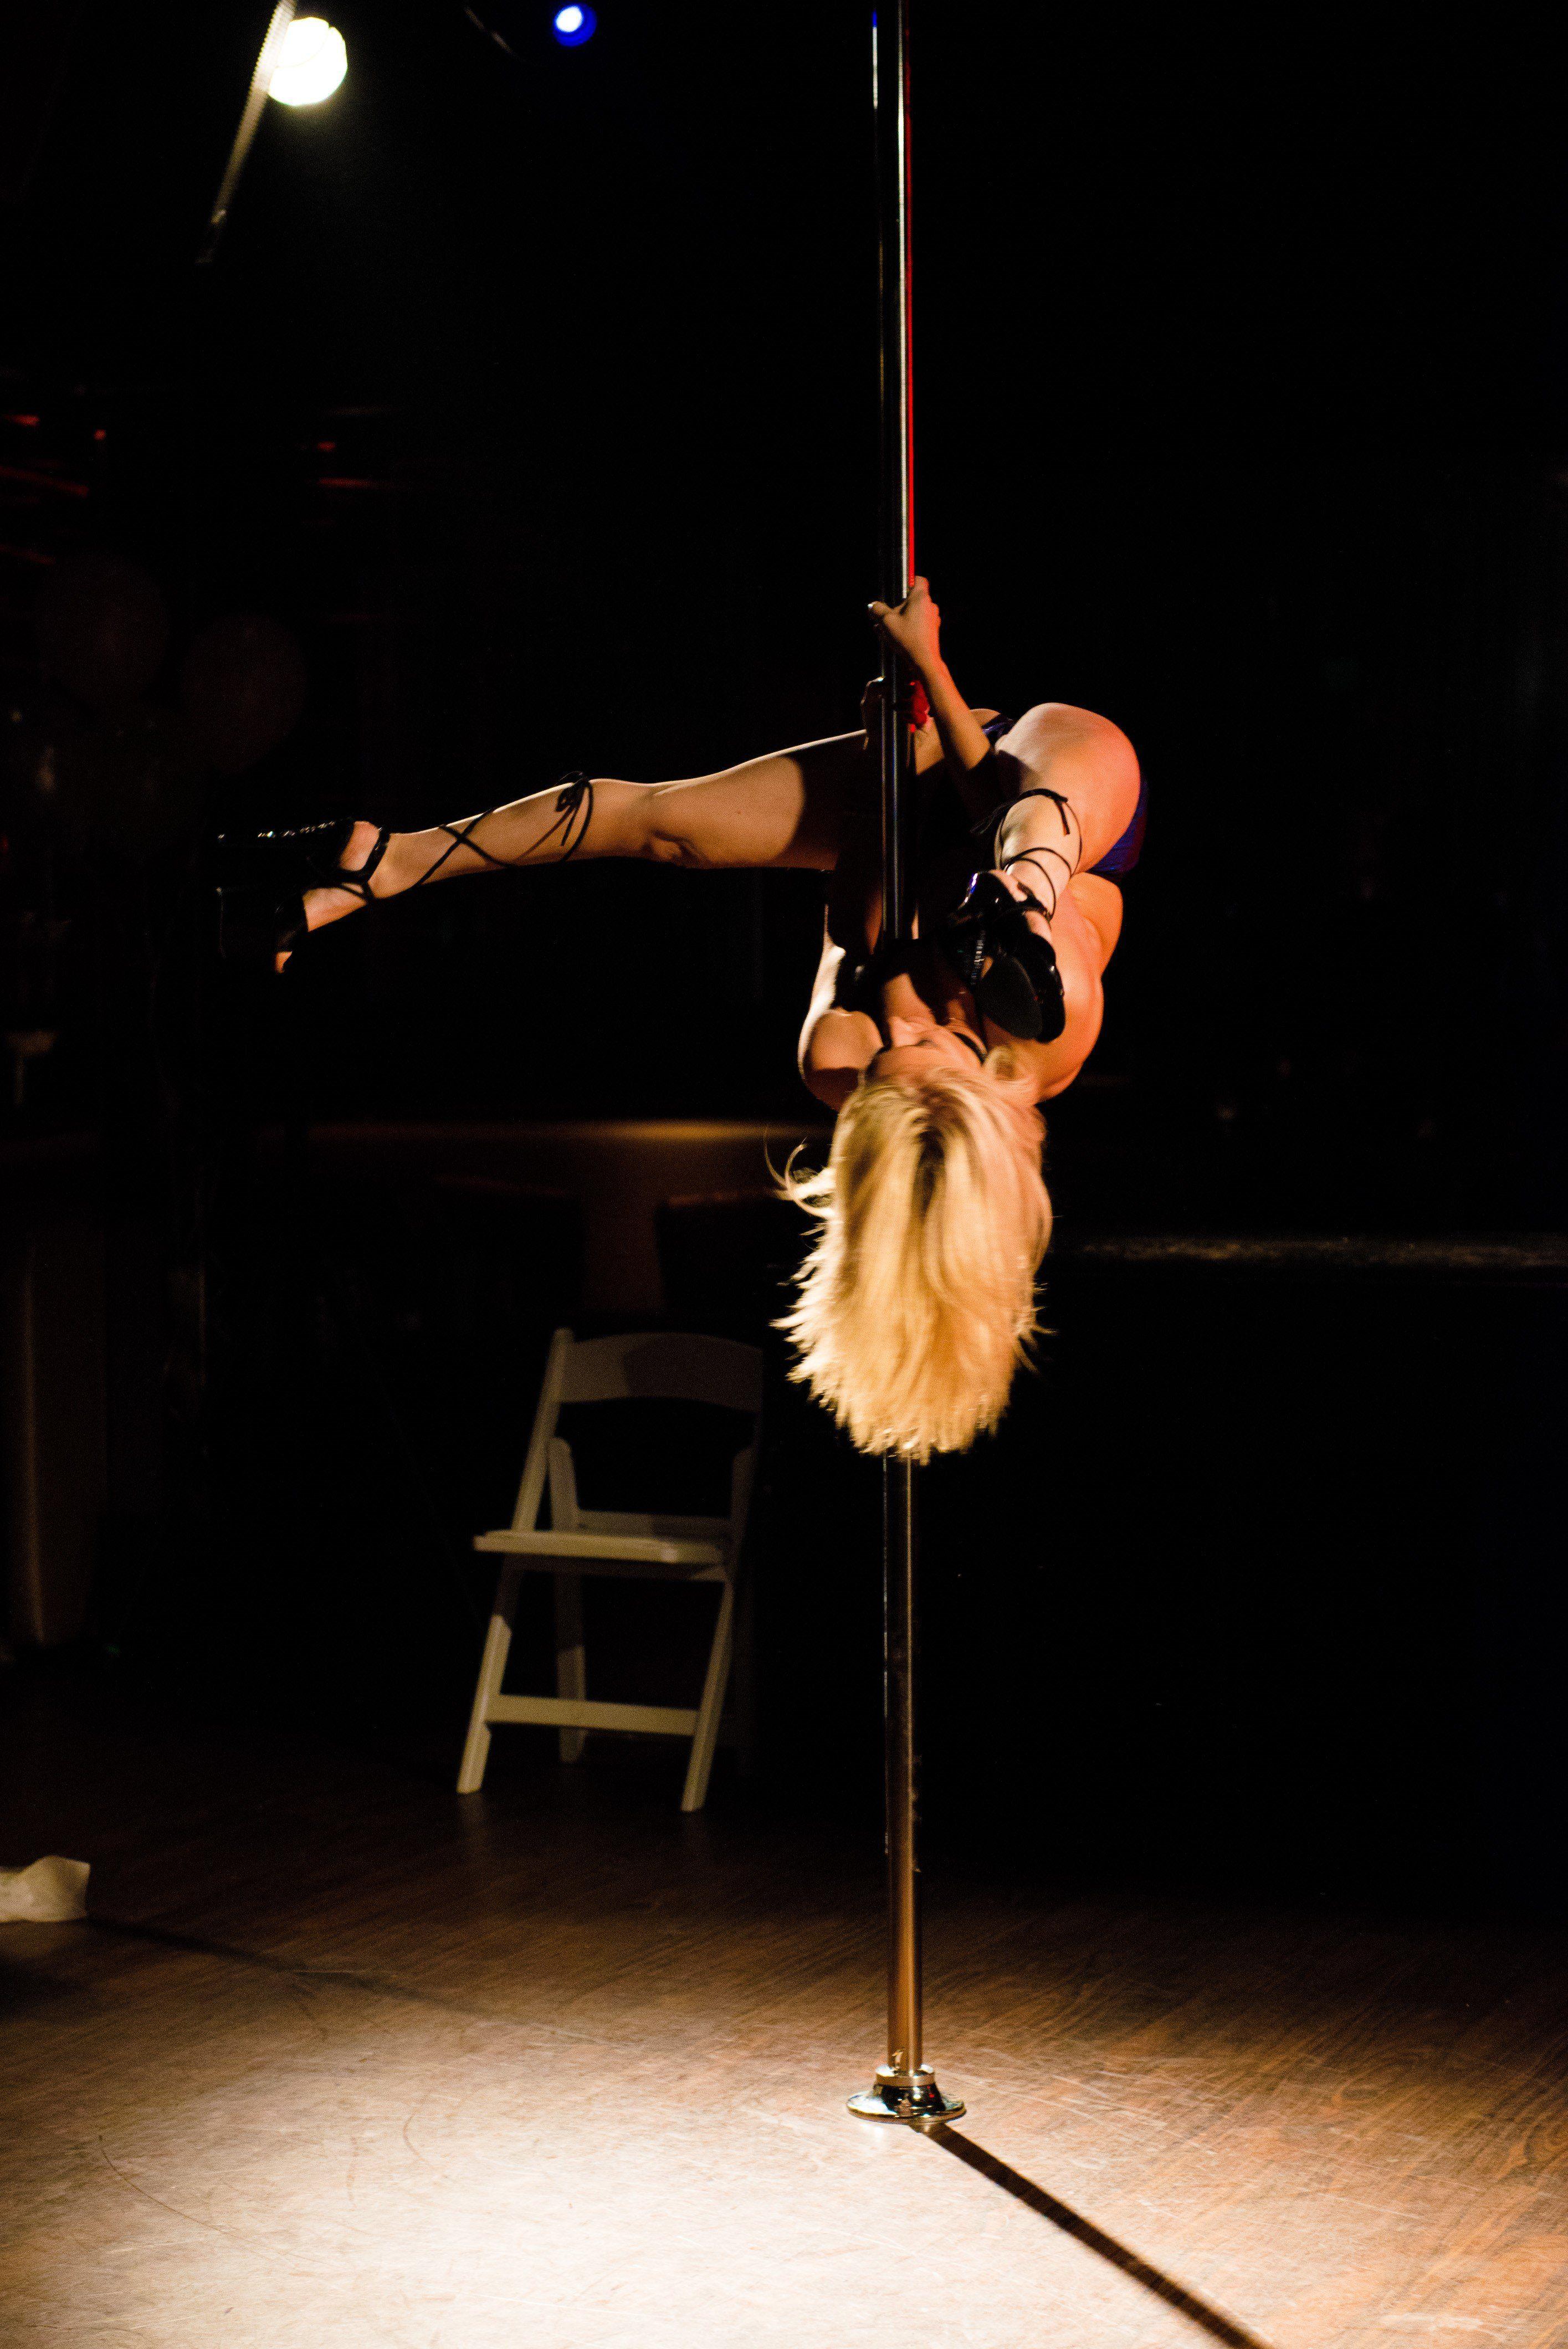 Ashley Dance Porn sexy blonde pole dancer - porn clips. comments: 4